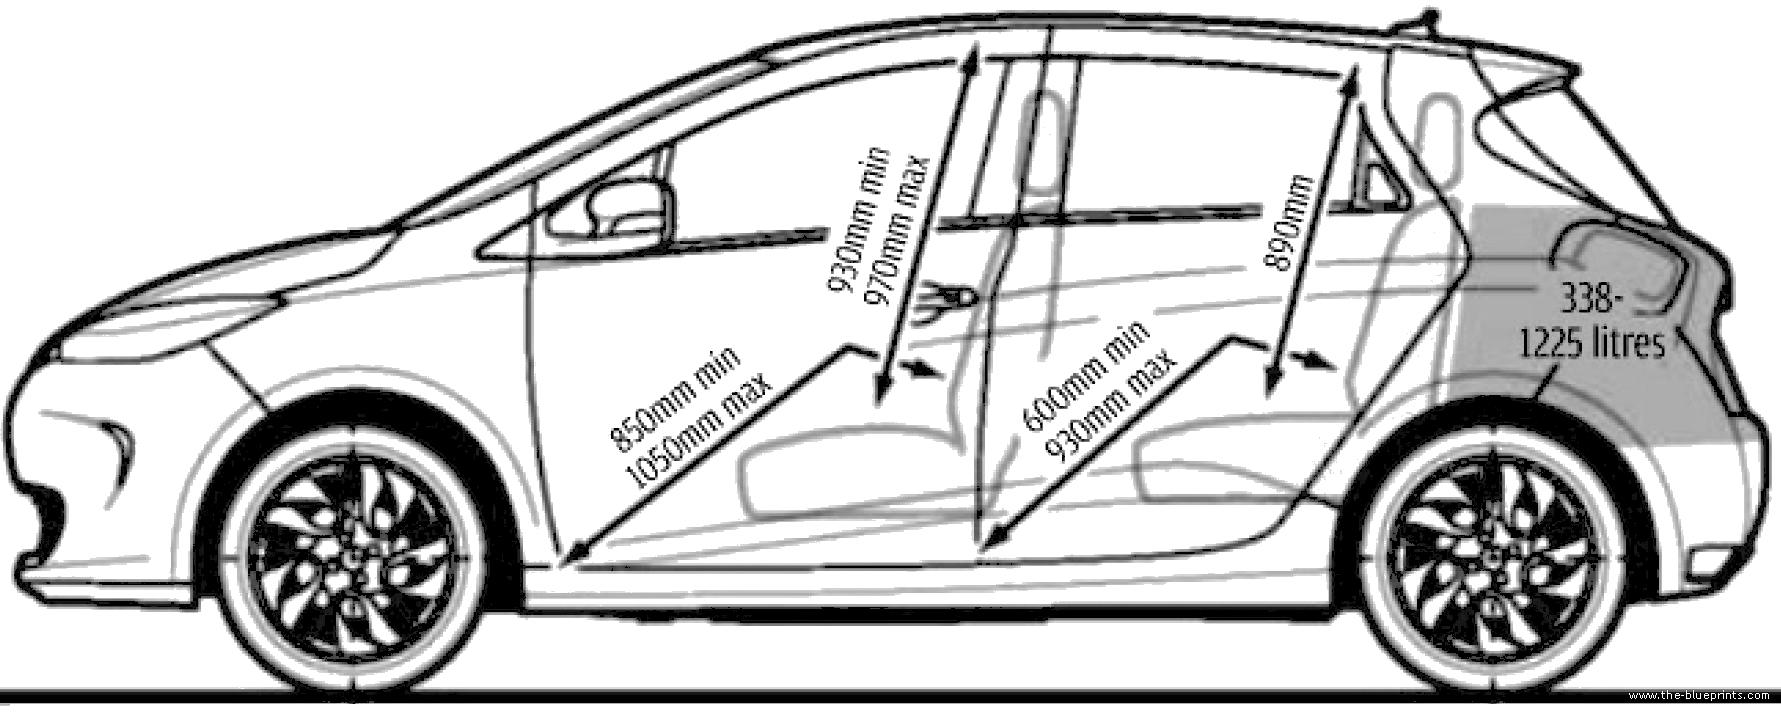 the blueprints cars renault renault zoe 2013. Black Bedroom Furniture Sets. Home Design Ideas